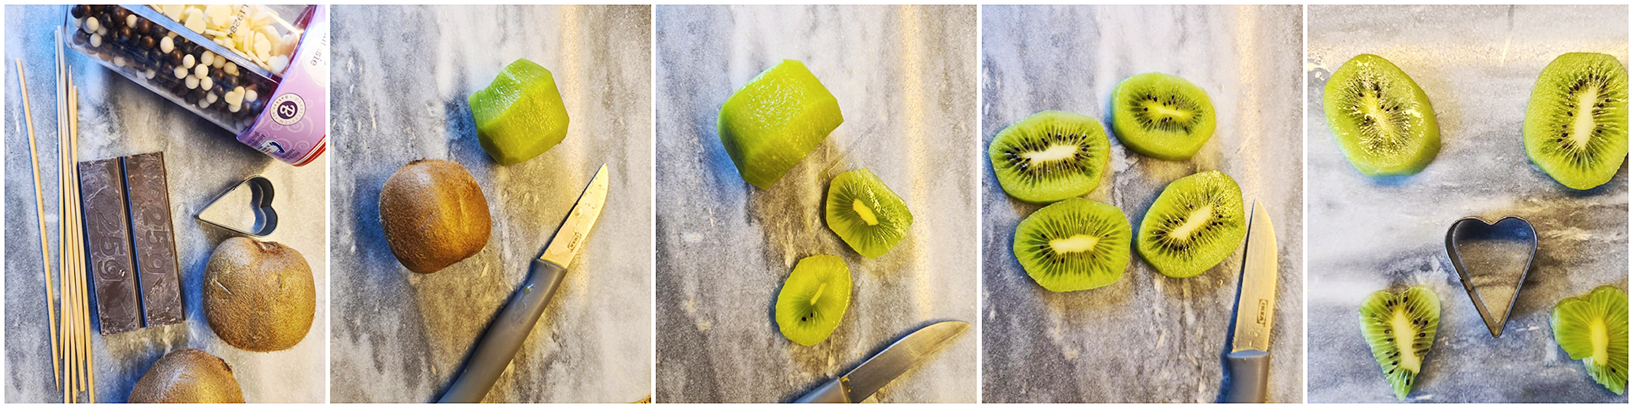 Elke kiwi kun je in 4 plakjes snijden.